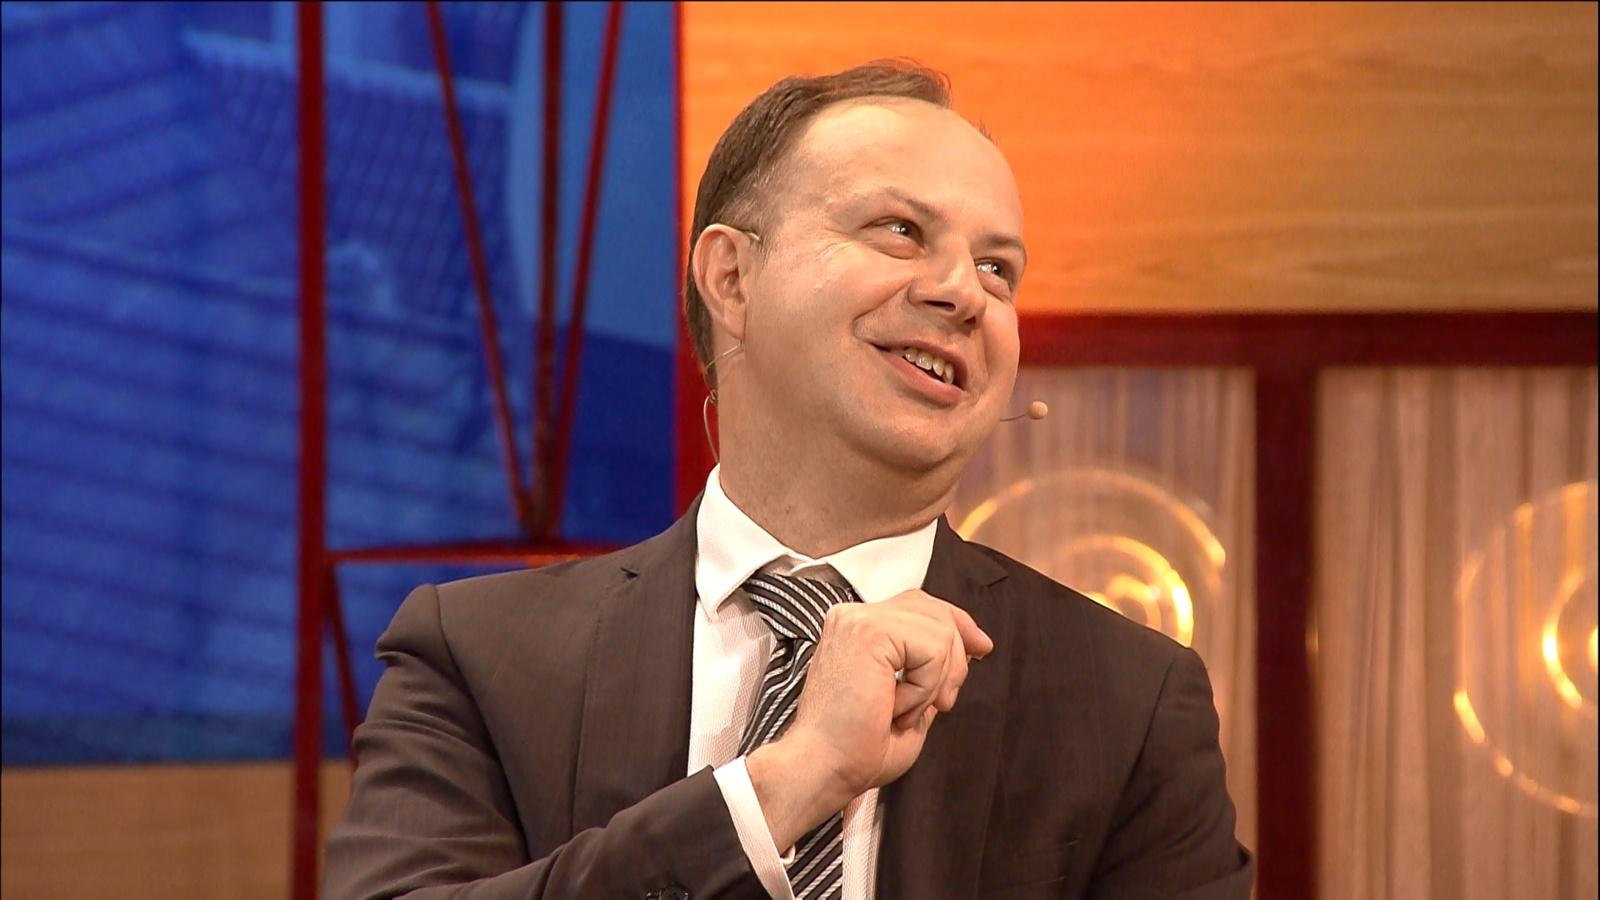 Vidas Bareikis privertė sveikatos ministrą Aurelijų Verygą groulinti (vaizdo įrašas)